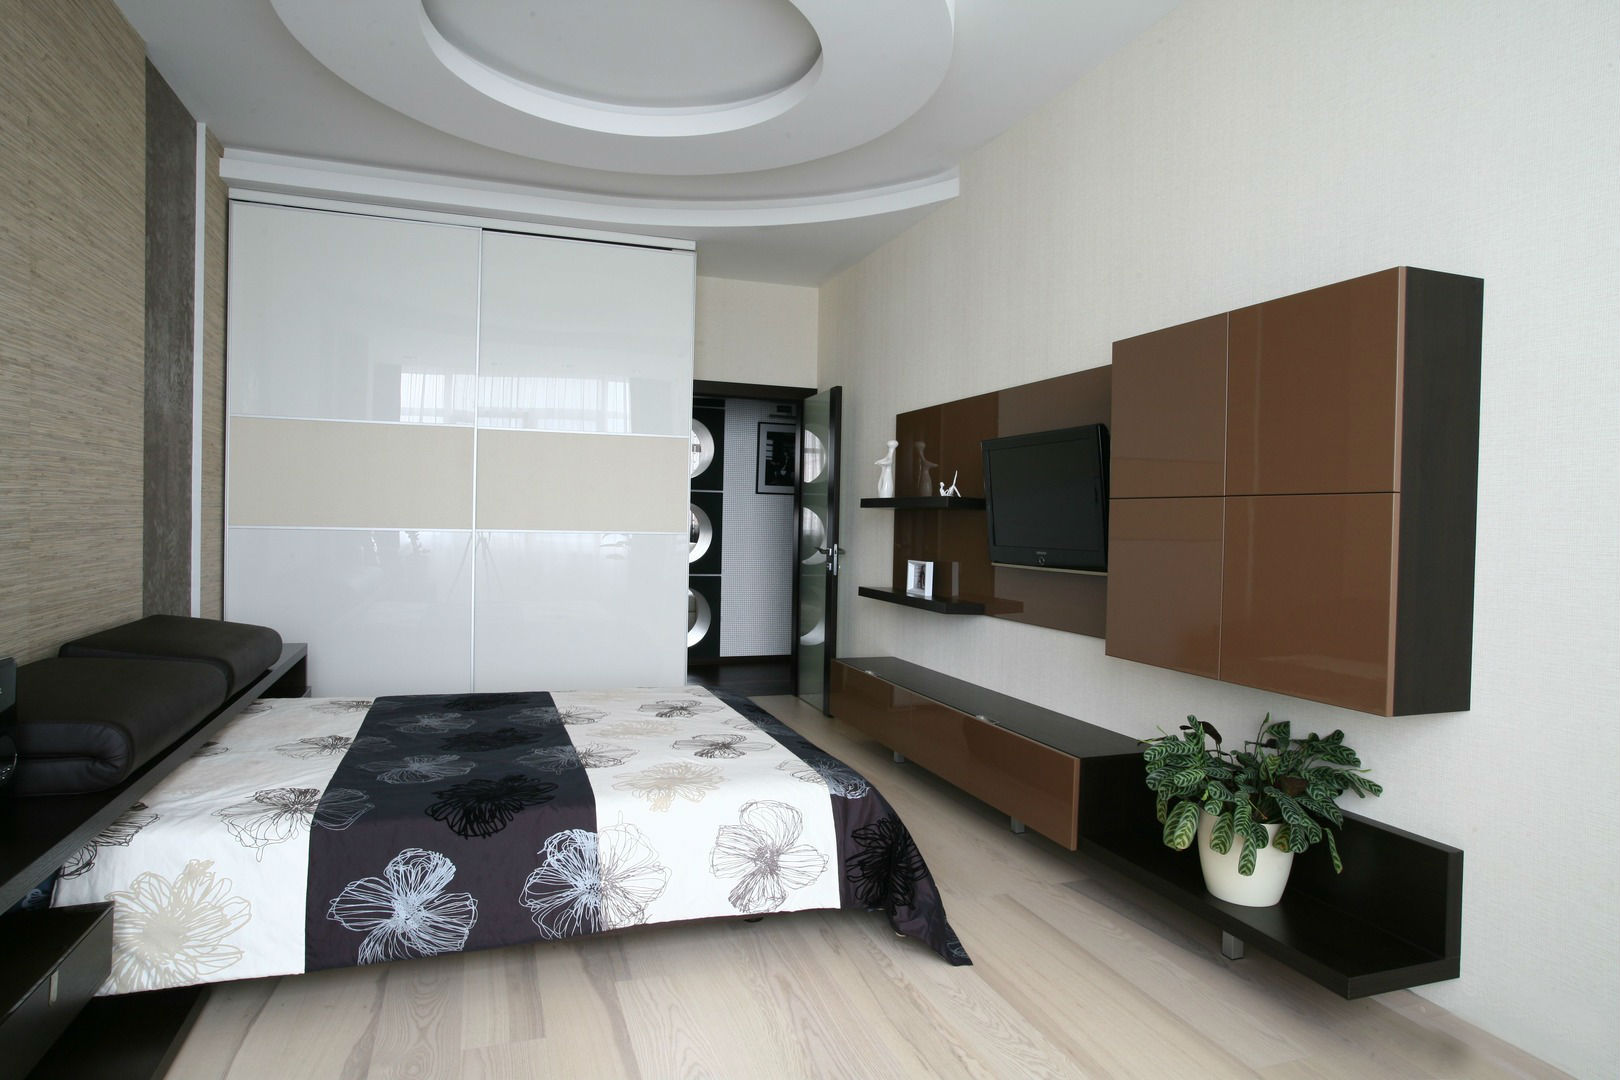 Дизайн спальни 13 кв м: увеличиваем пространство и разделяем.